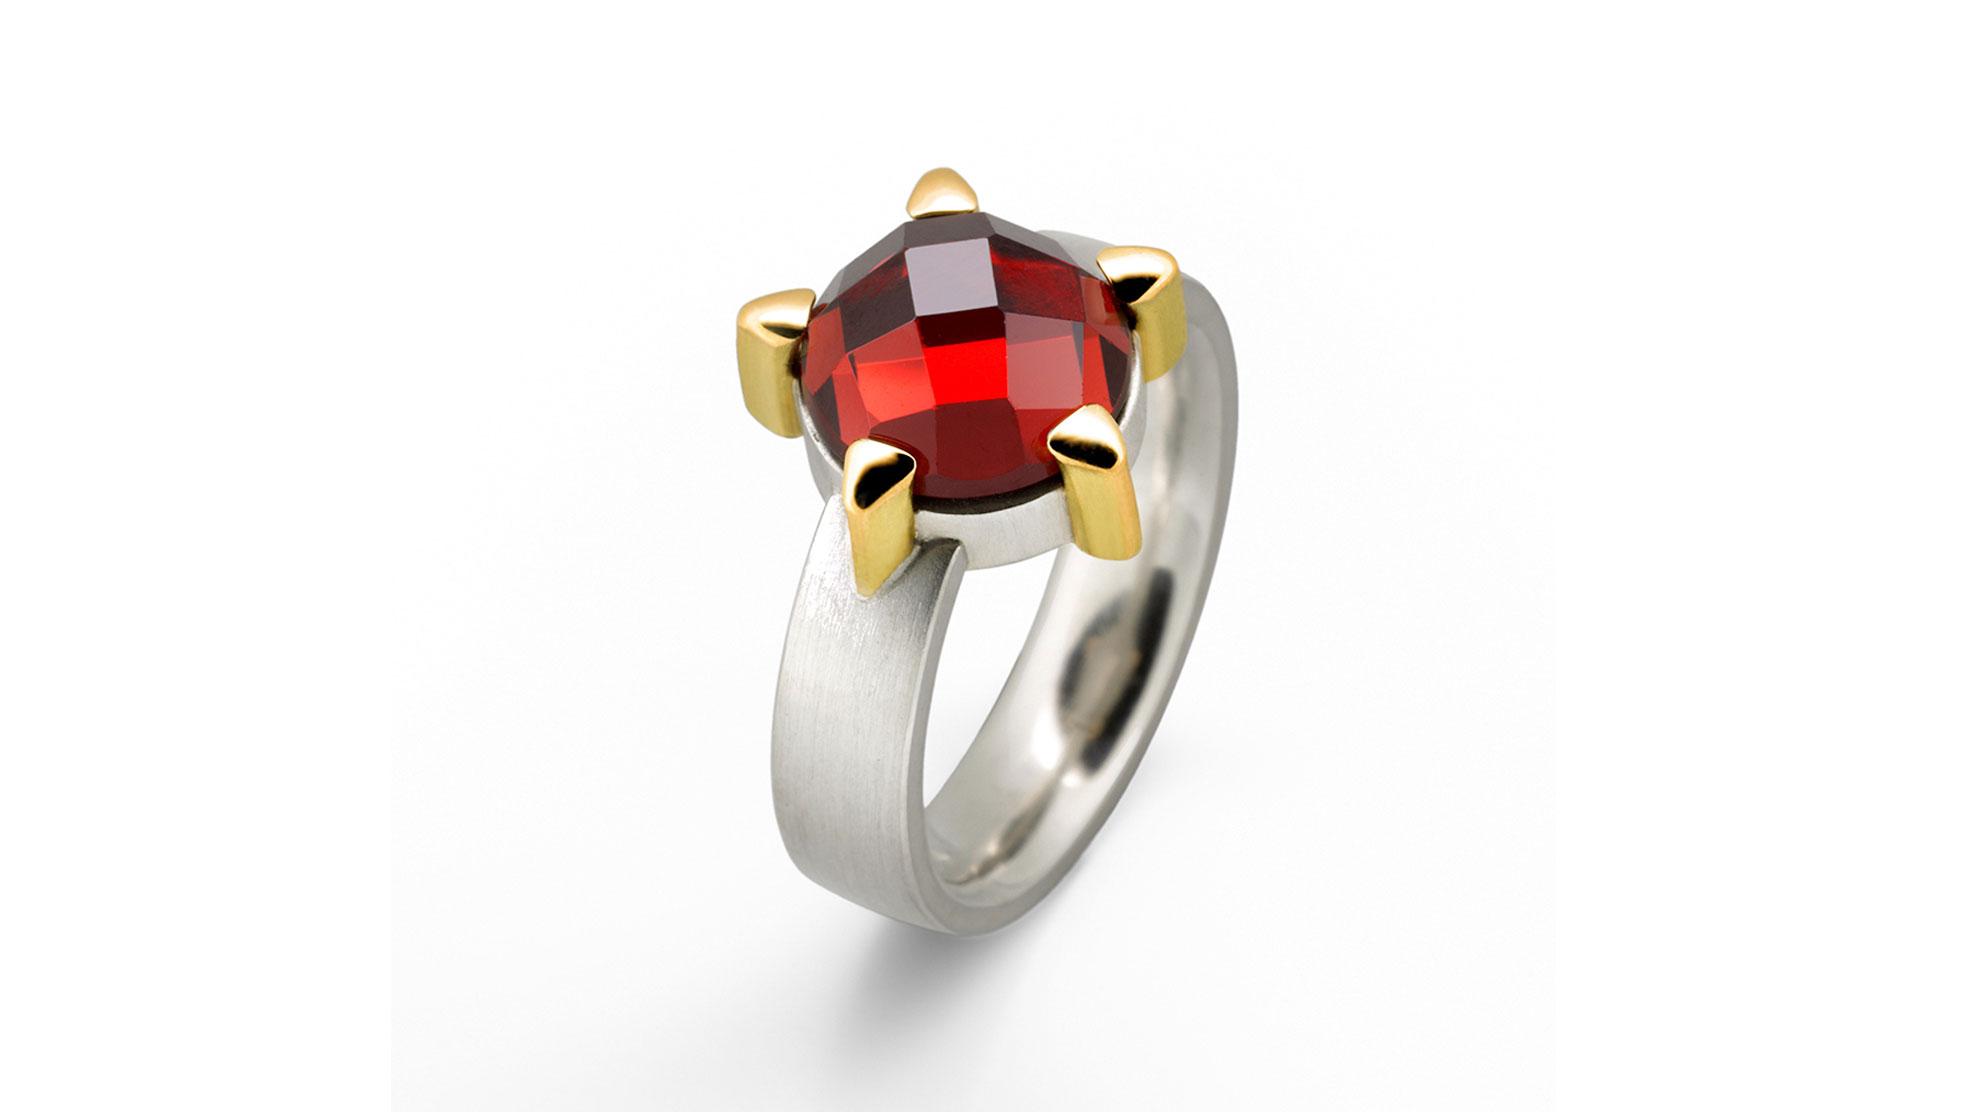 07 Ring Karfunkel 925 Silber, 750er Gelbgold mit Granatrose